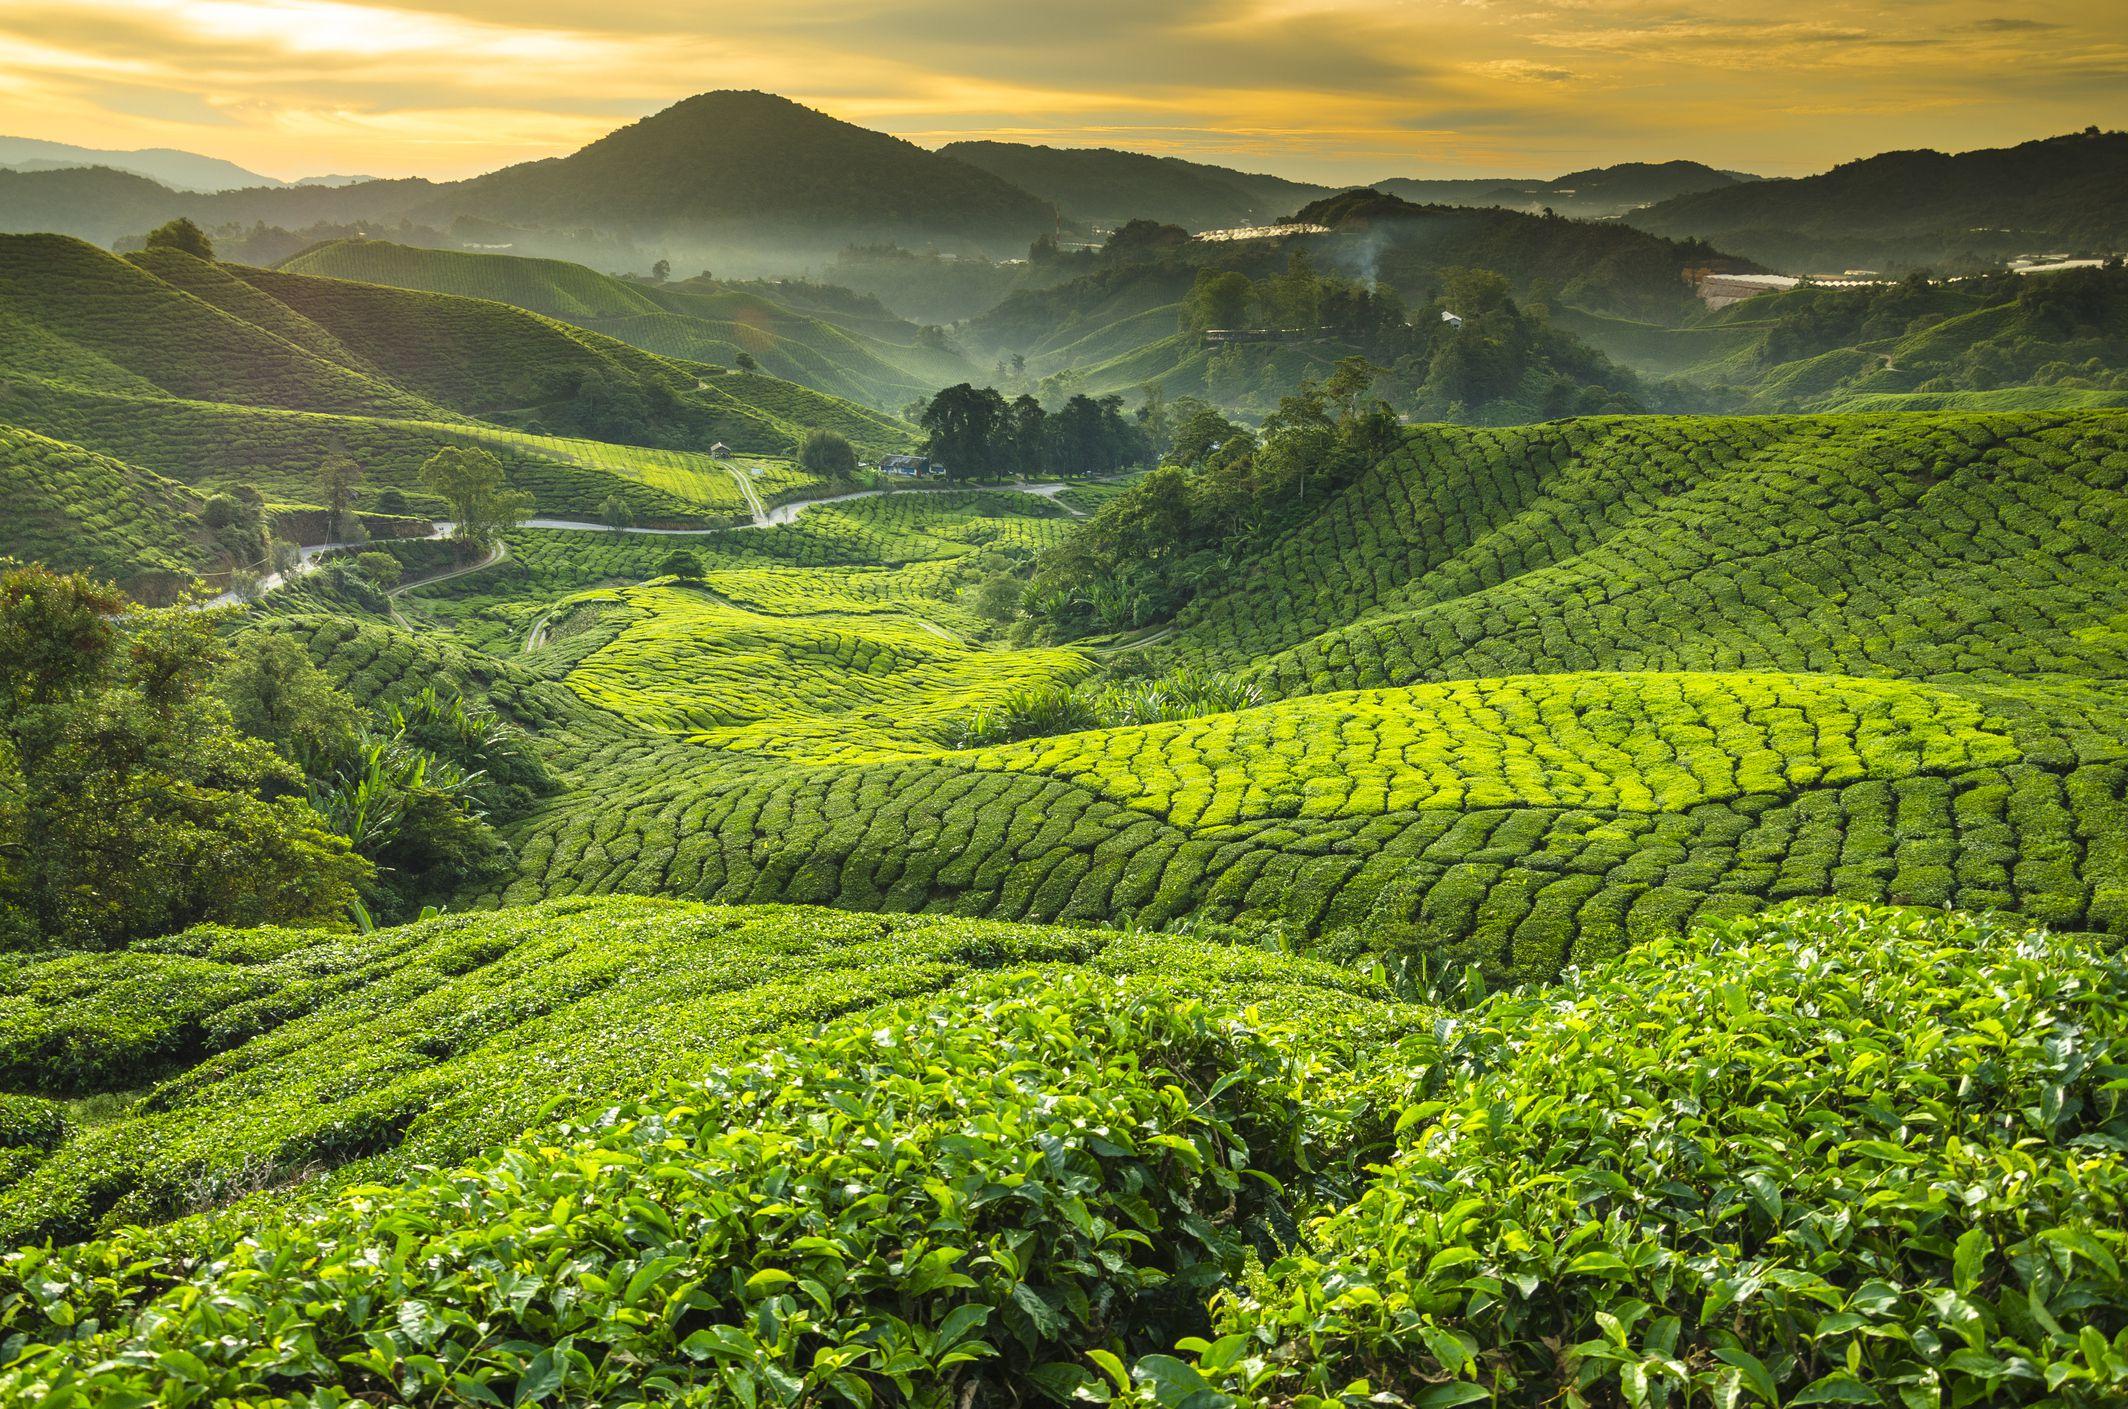 Malaysia, Pahang, Cameron Highlands, Brinchang, Te